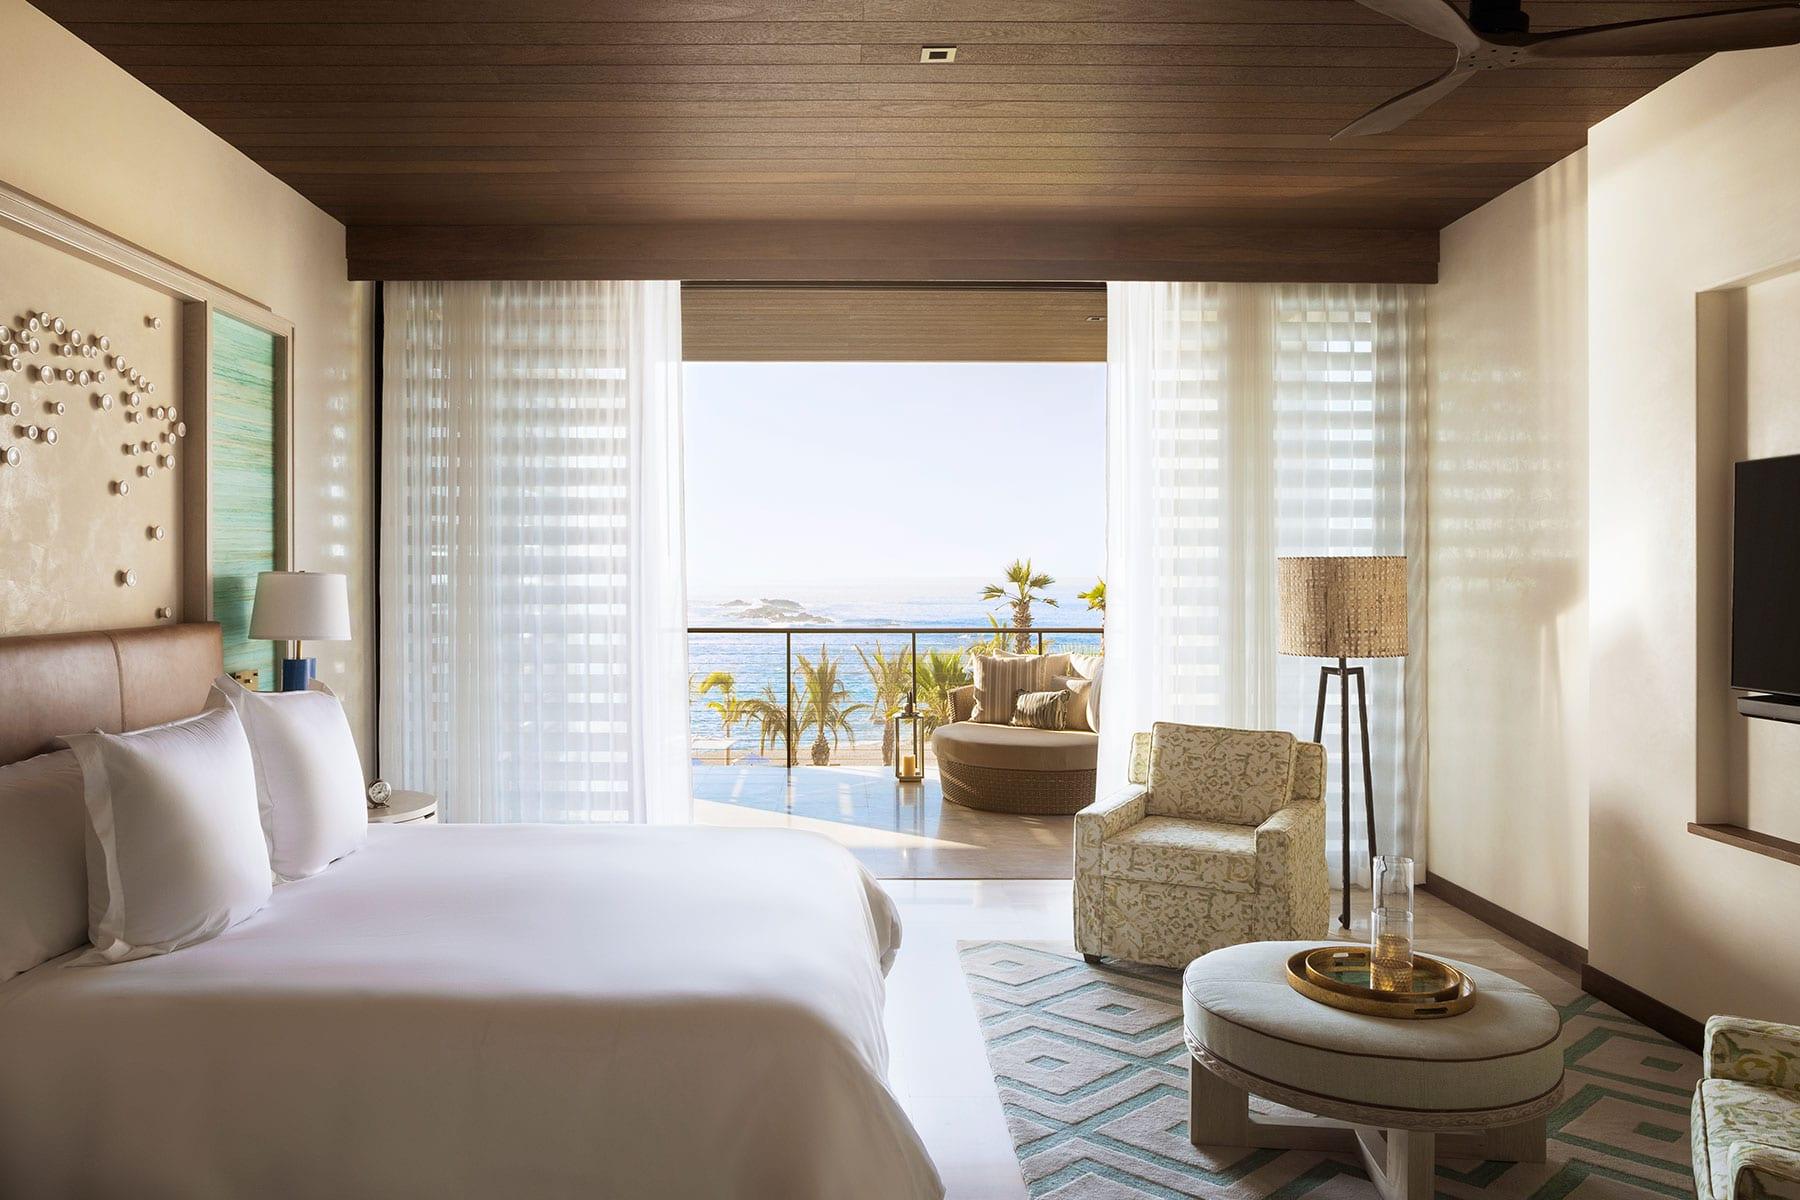 An ocean view room atChileno Bay Resort & Residences in Cabo San Lucas, Baja California, Mexico.